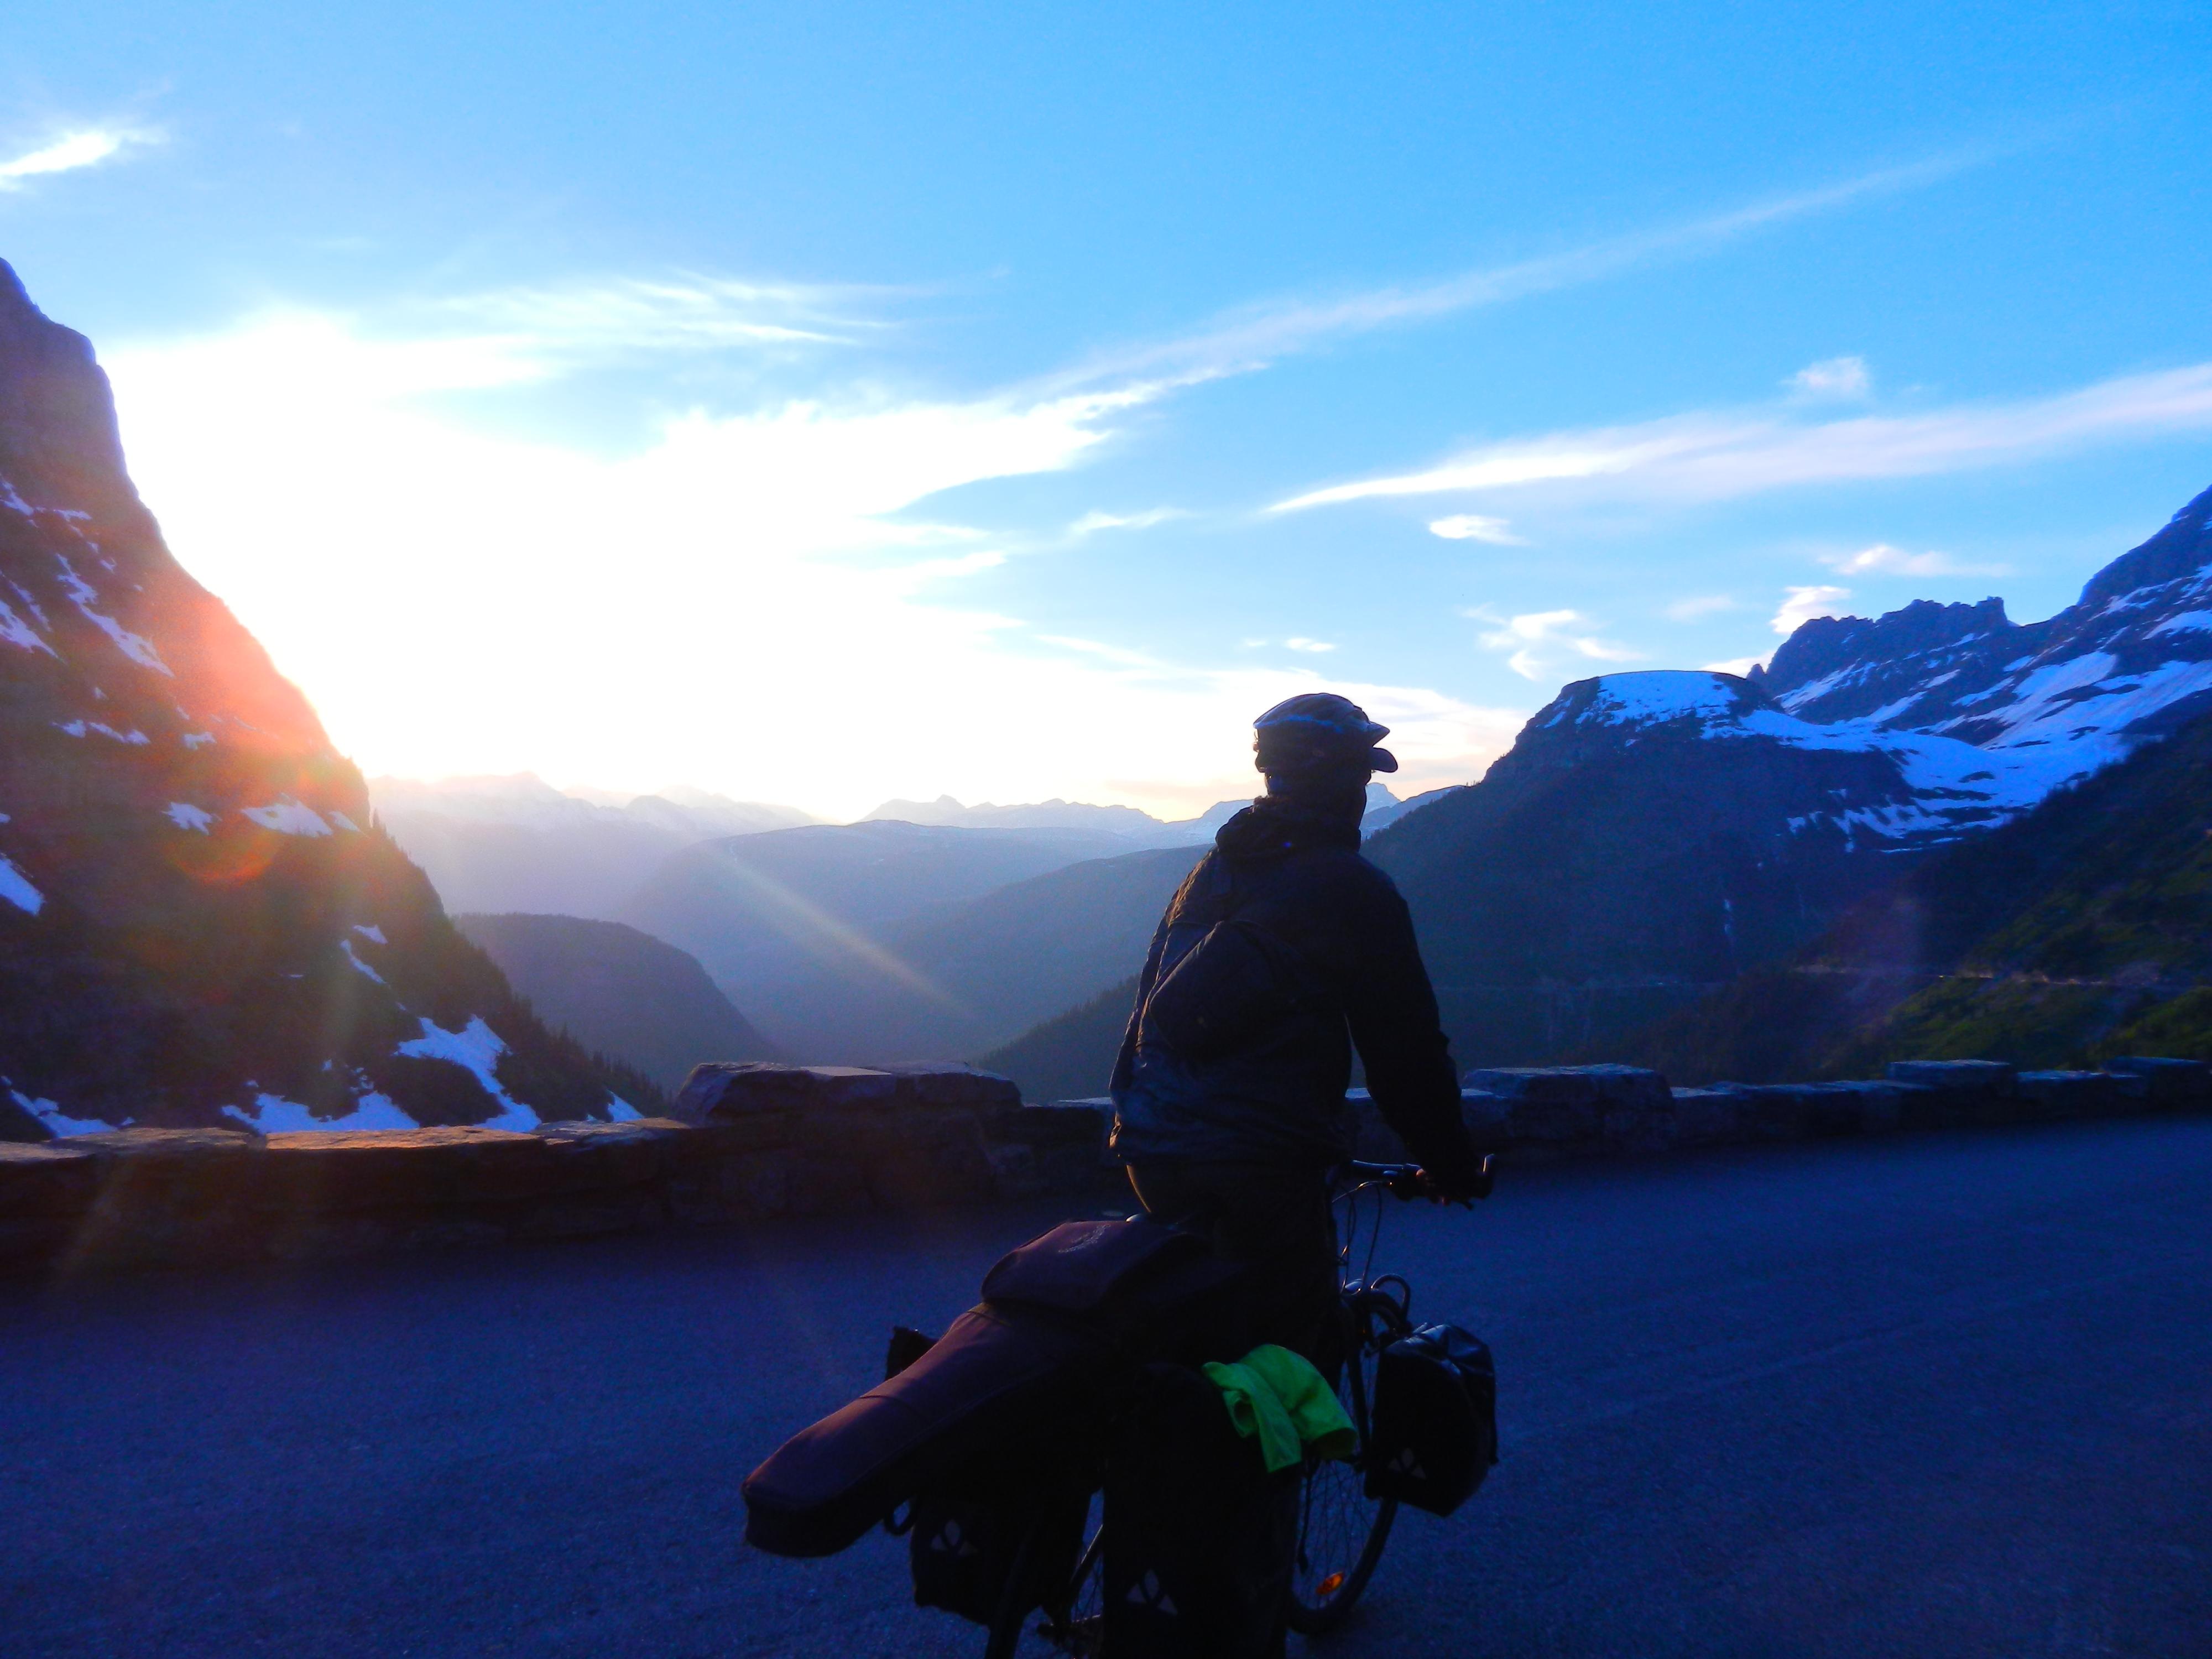 voyage à vélo en amérique du nord #3